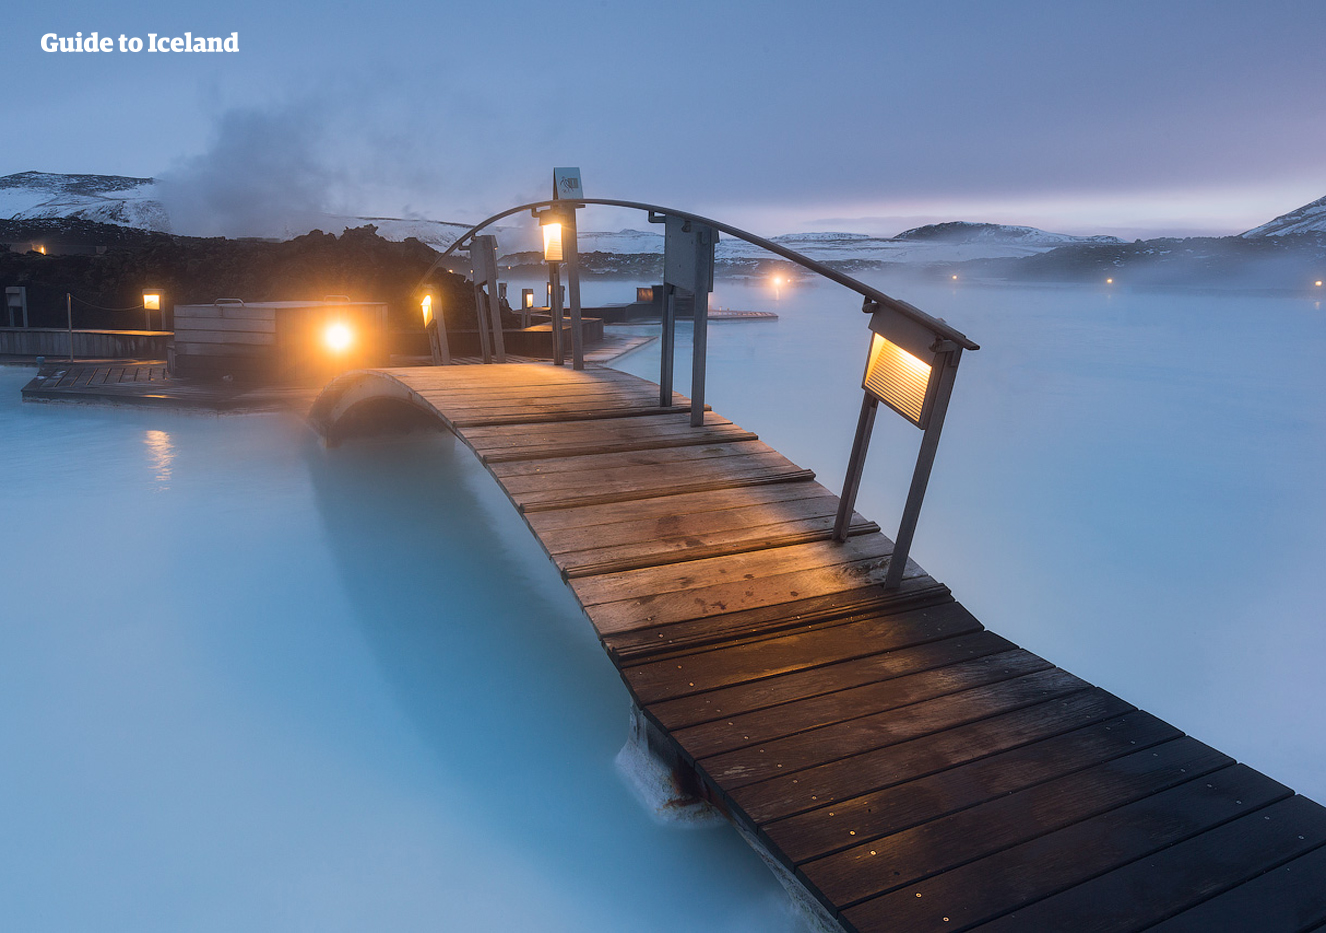 Viaje a tu aire de 10 días con auroras boreales | Rodeando Islandia - day 1